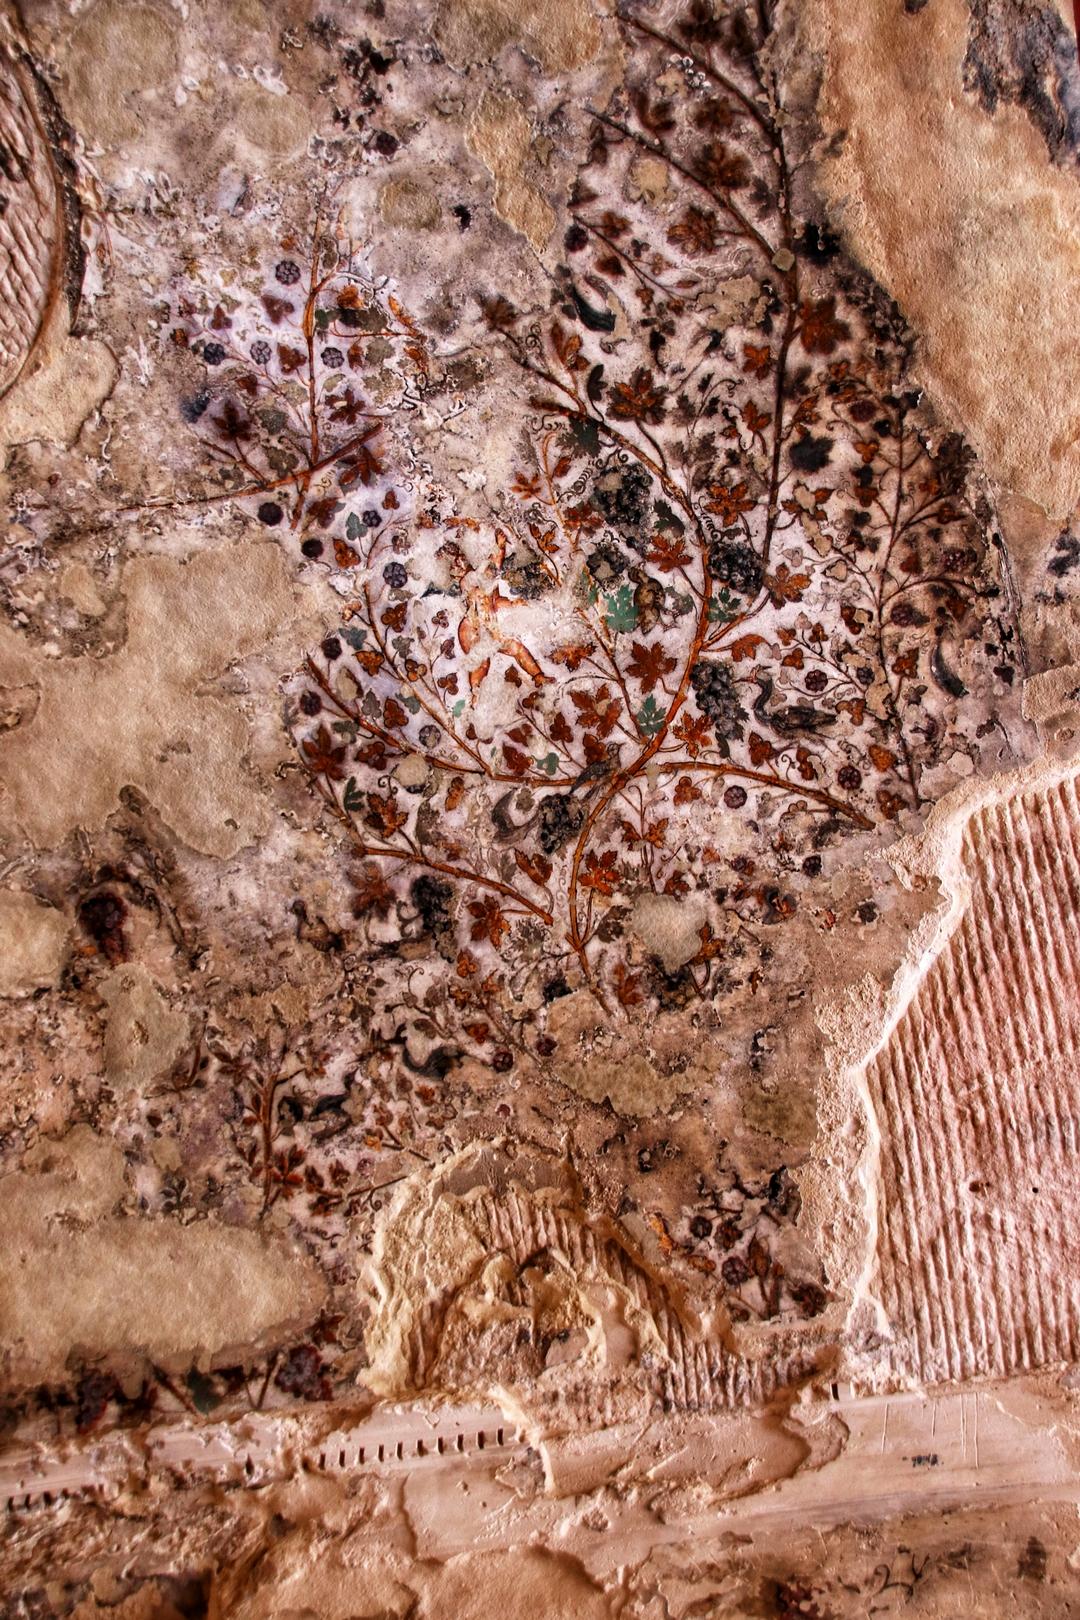 Jordanie - Uniques fresques sur le site de Little Petra